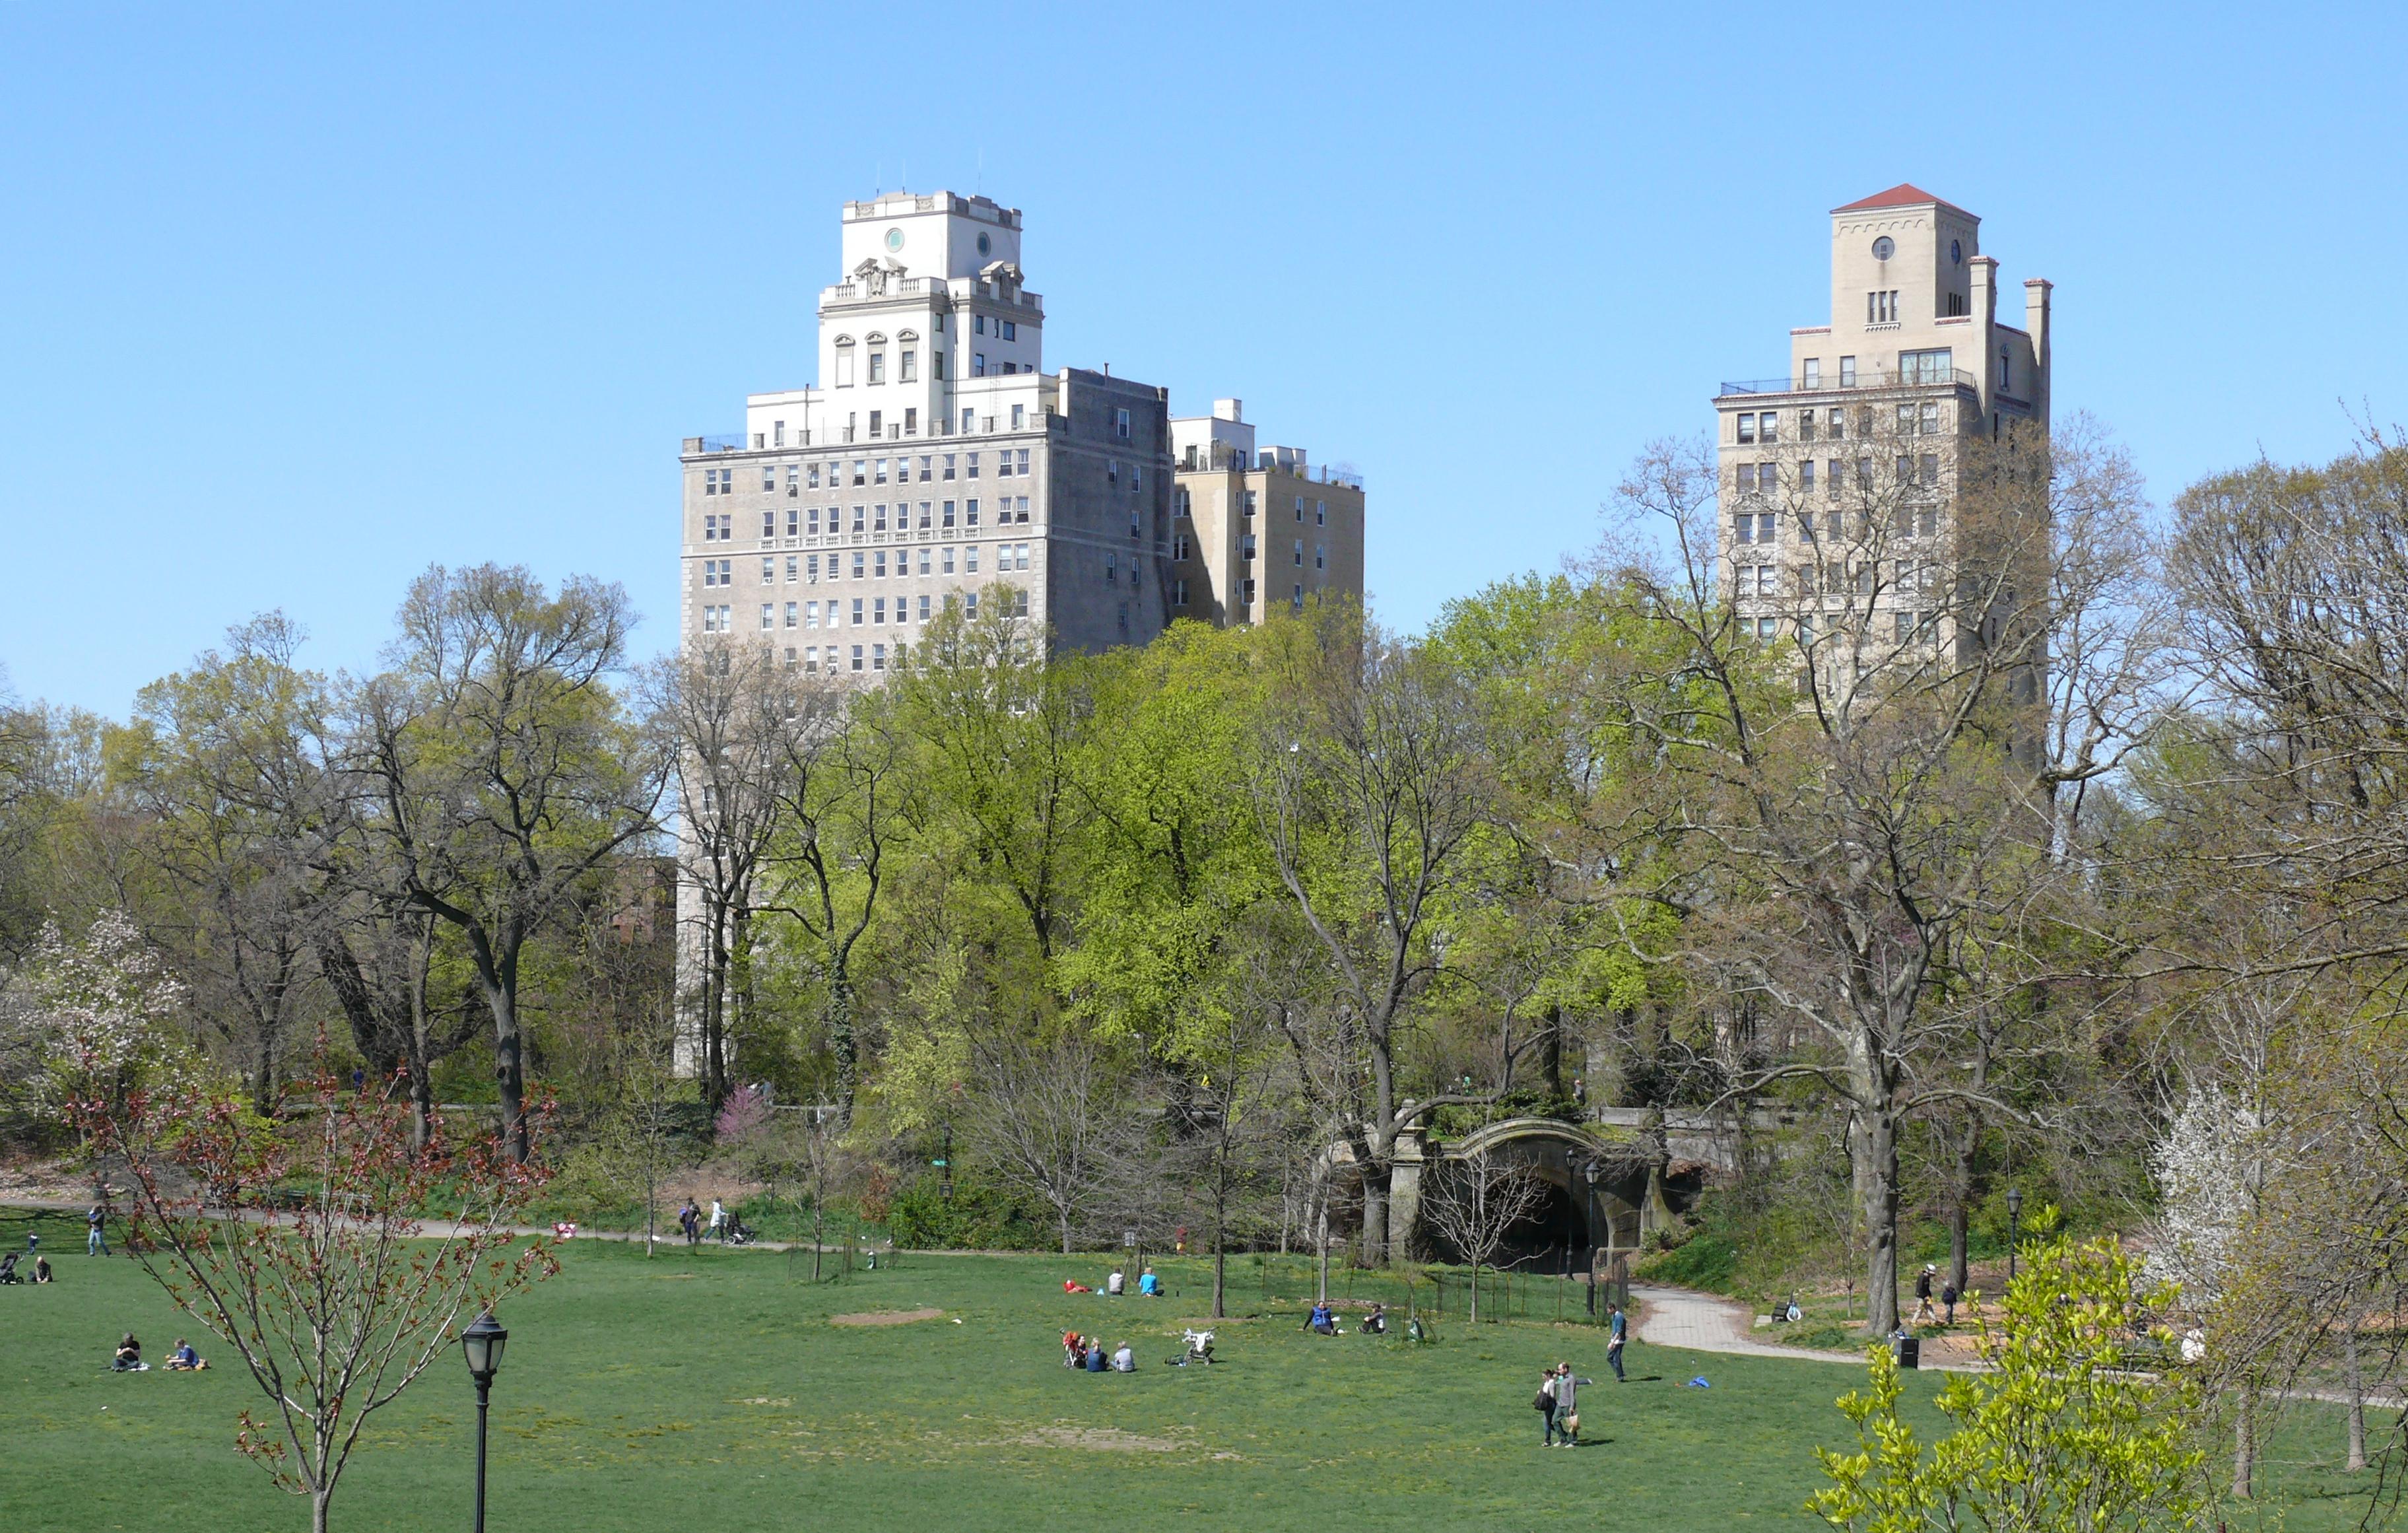 Αποτέλεσμα εικόνας για Prospect Park brooklyn new york